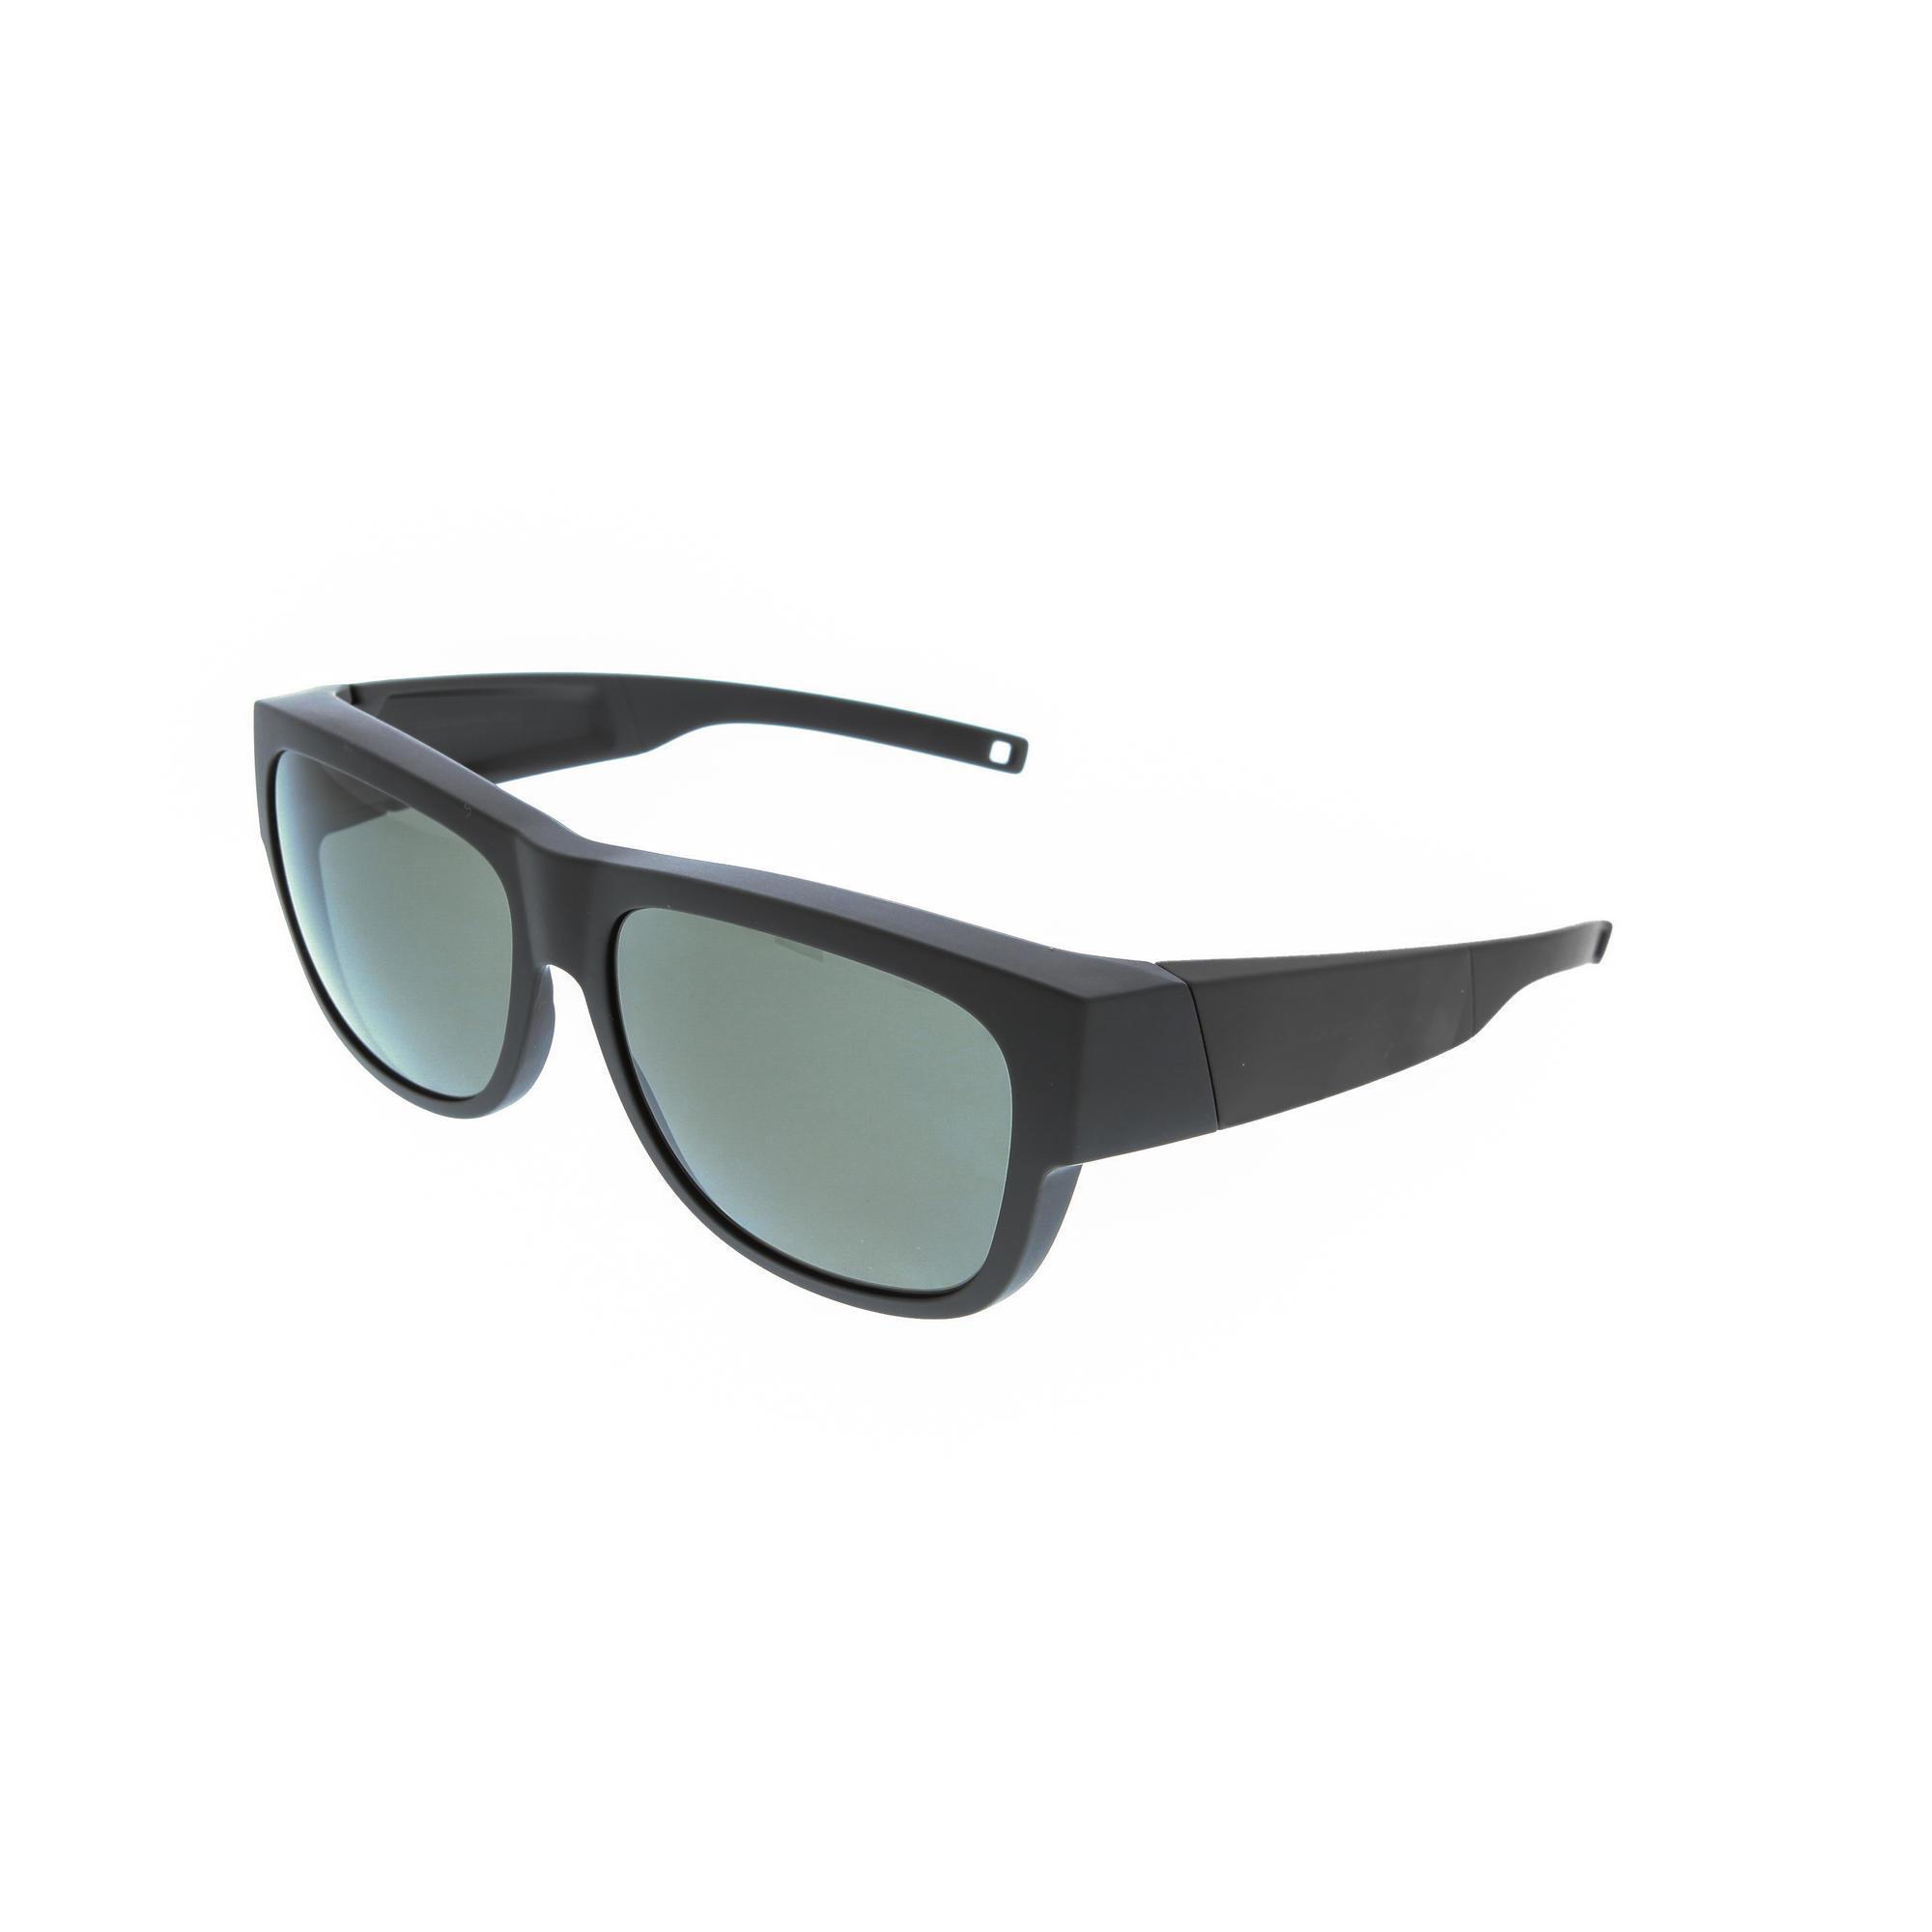 be290c8a35 Quechua Sur-lunettes MH OTG 500 polarisants catégorie 3 | Decathlon